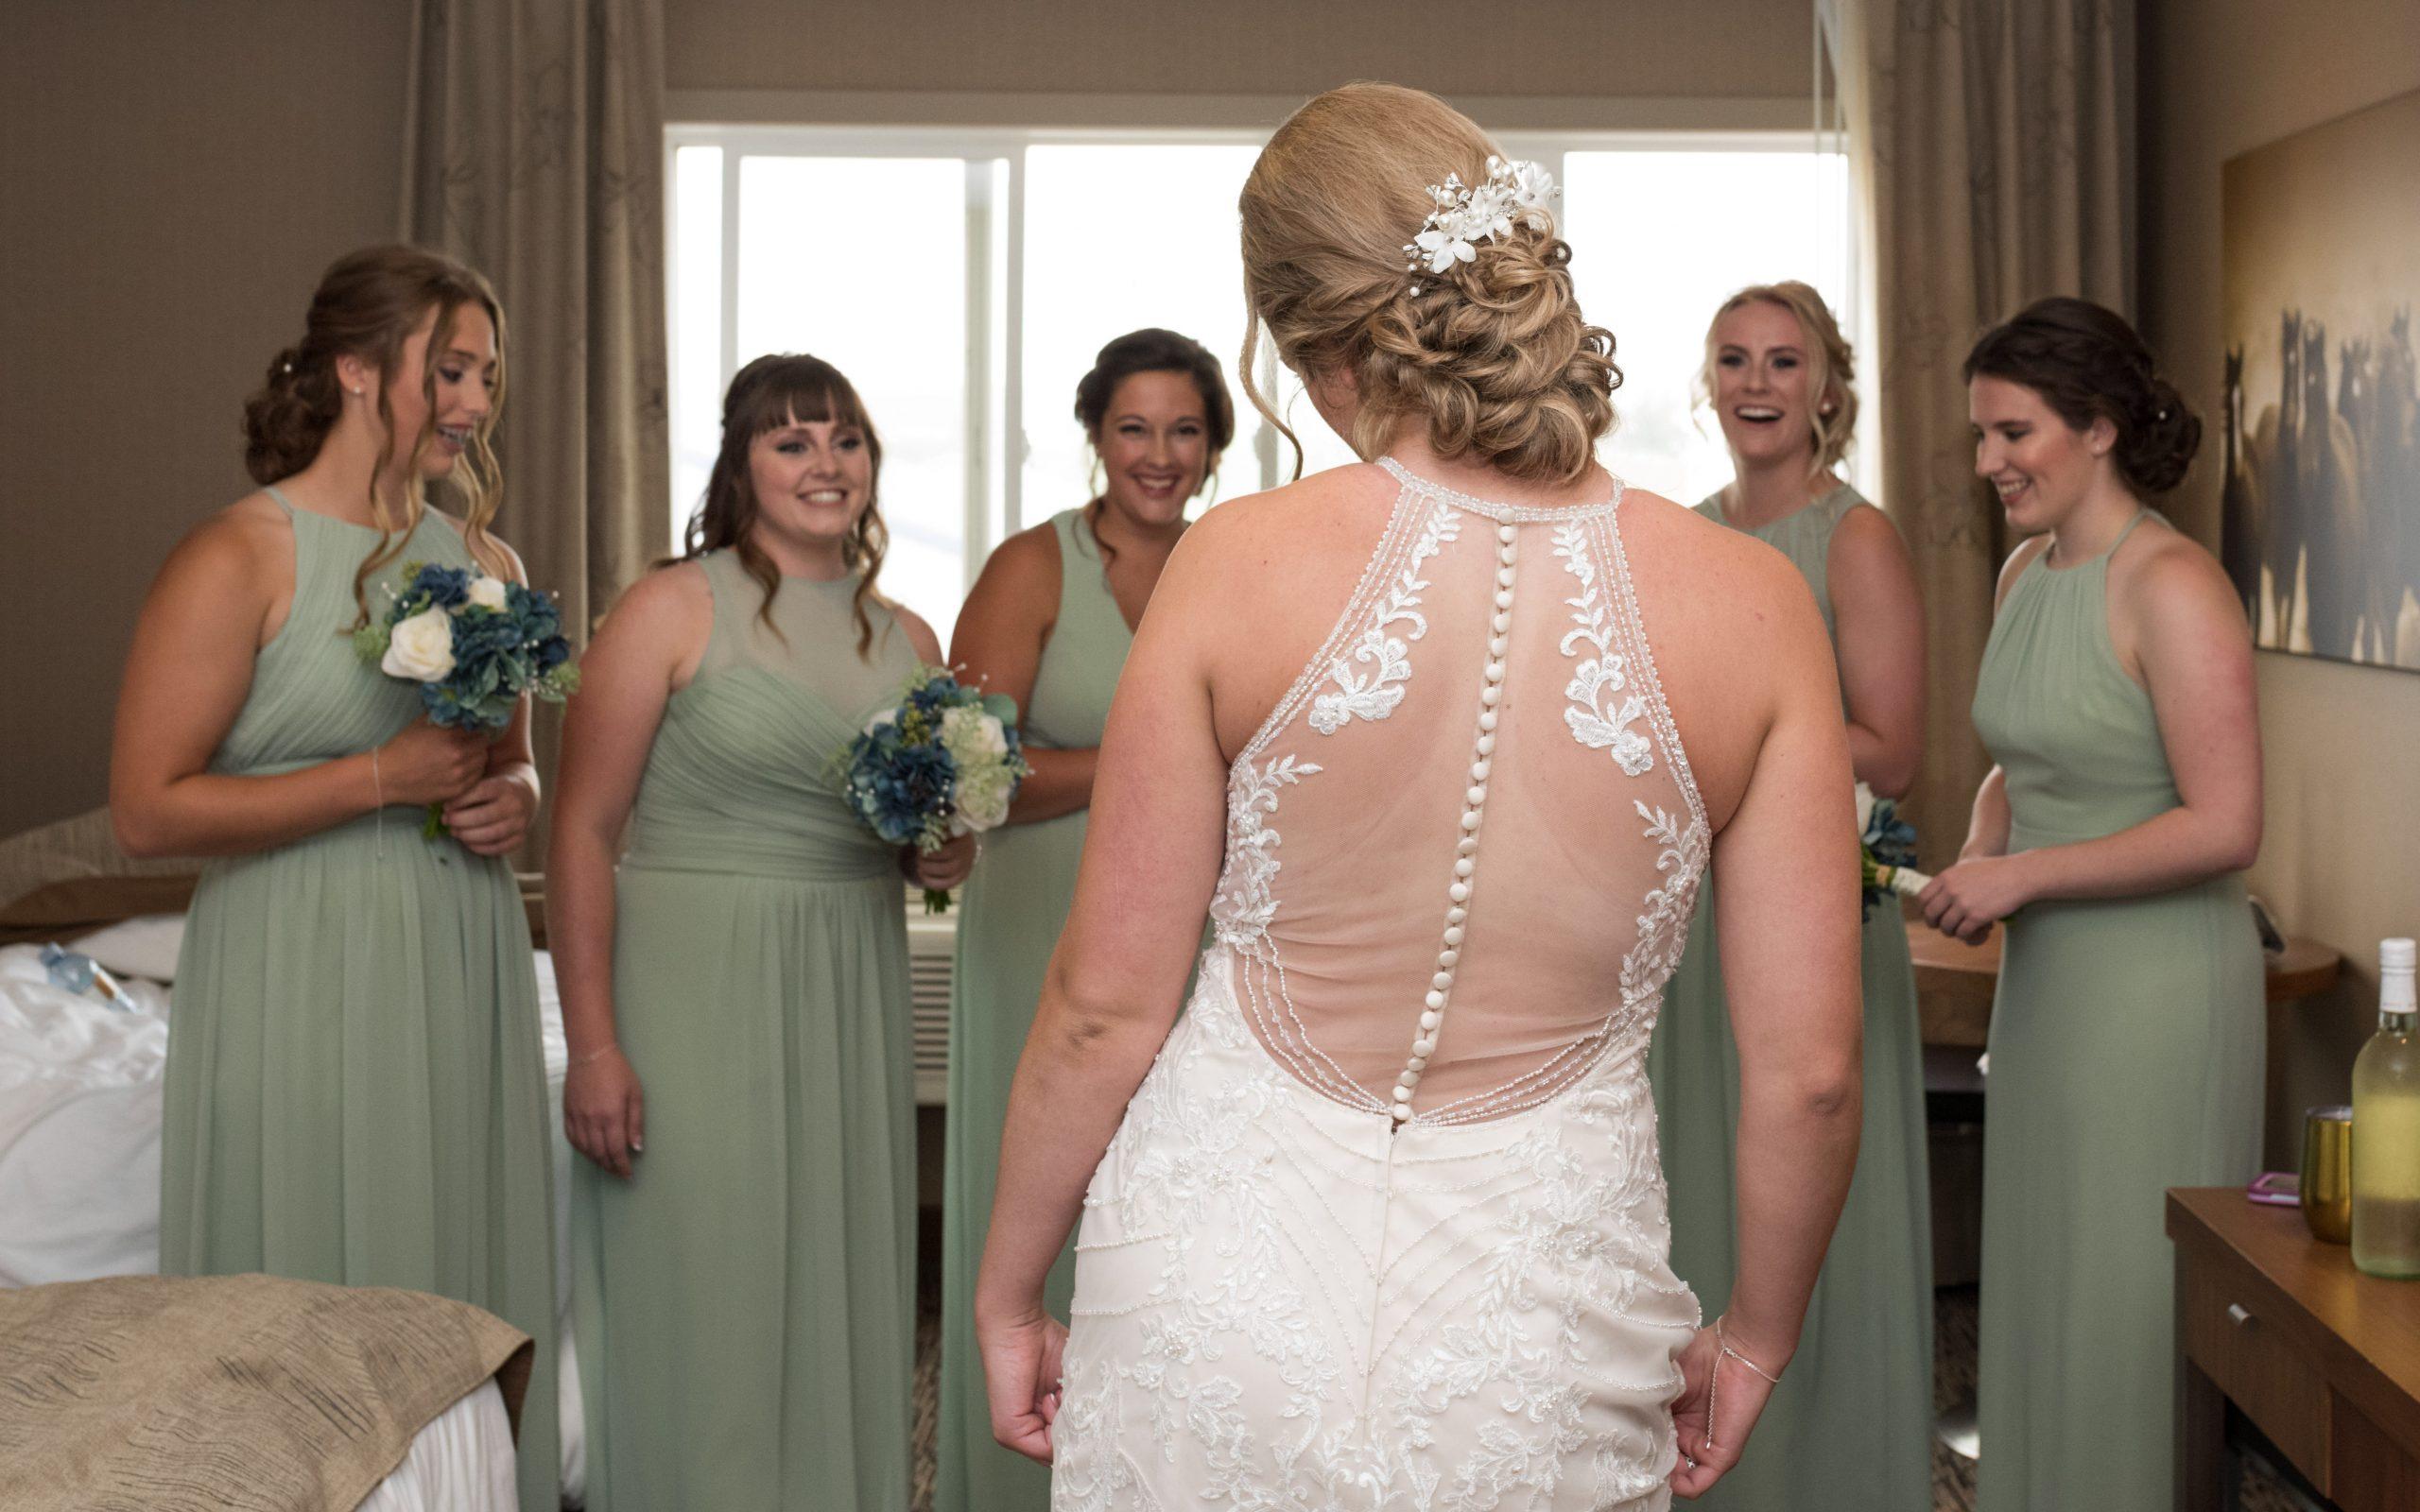 Wedding - Getting Ready